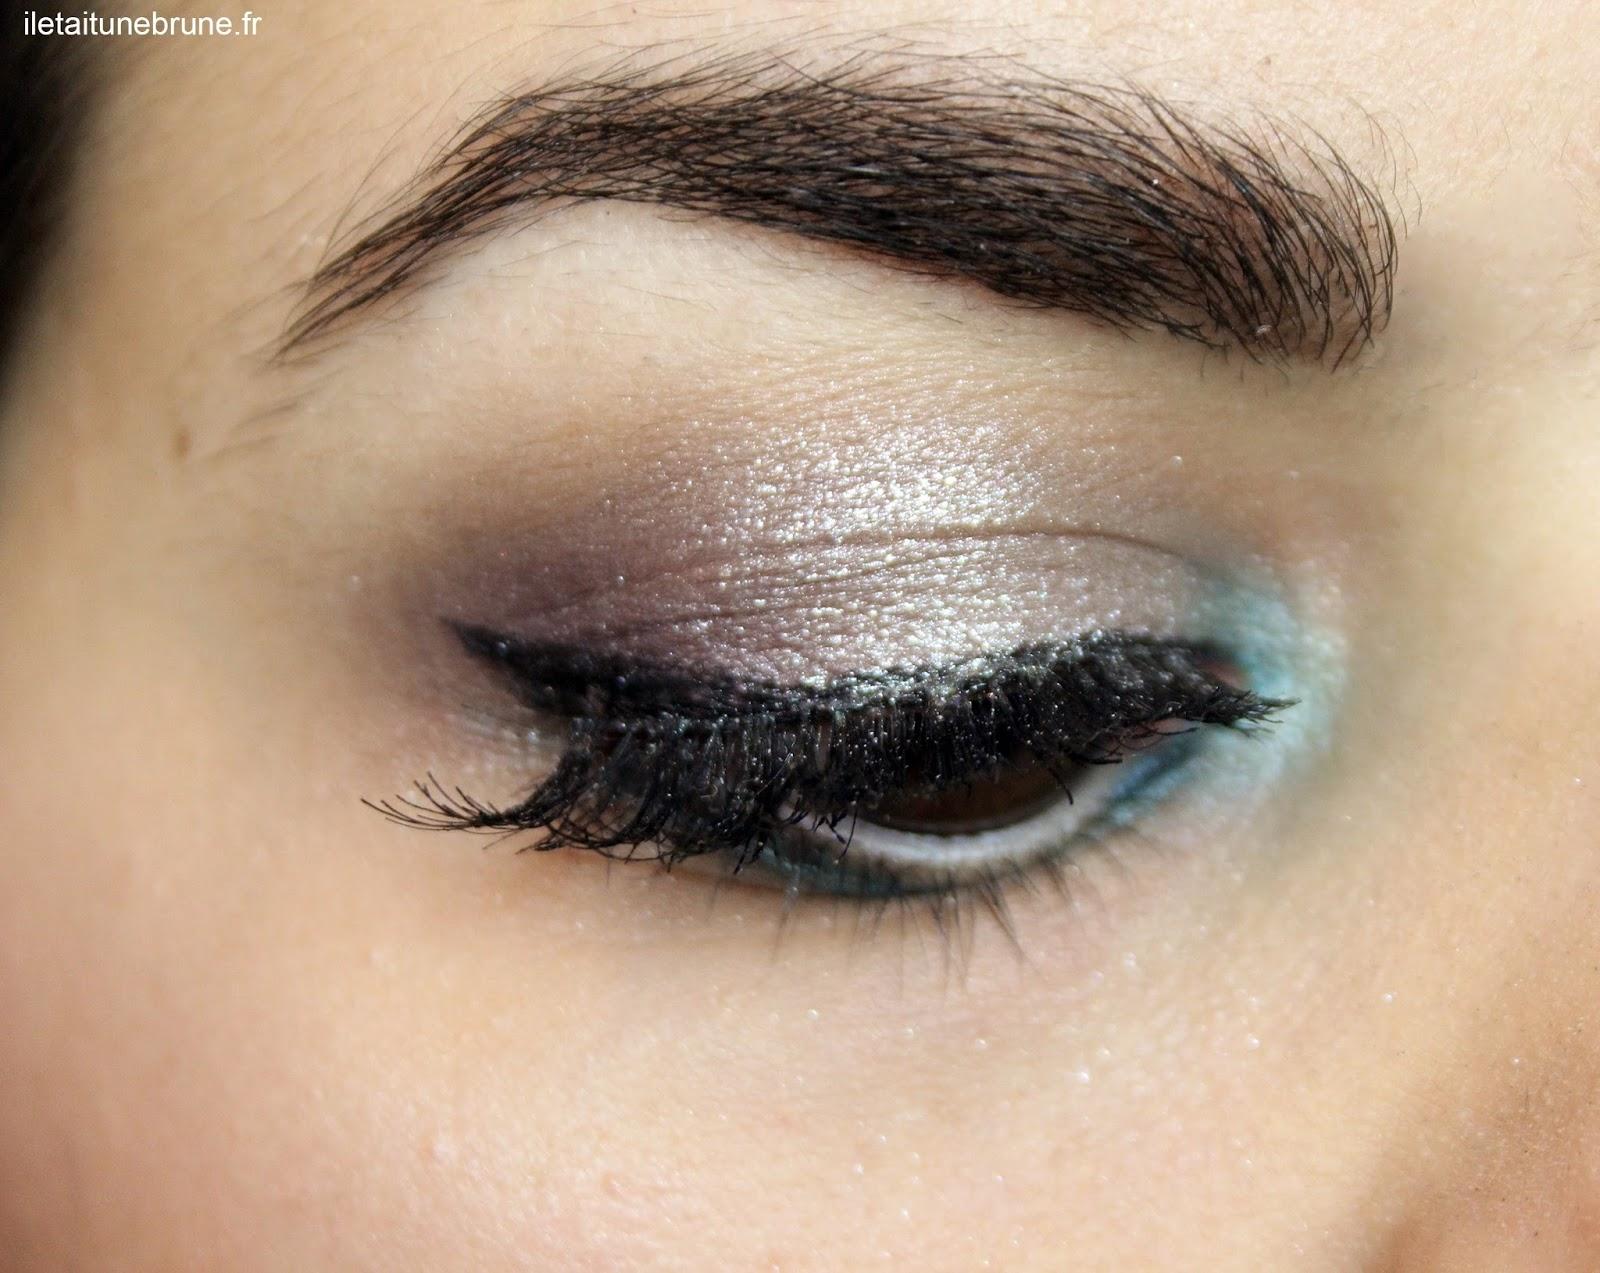 maquillage des yeux bleu azur, argenté, violet